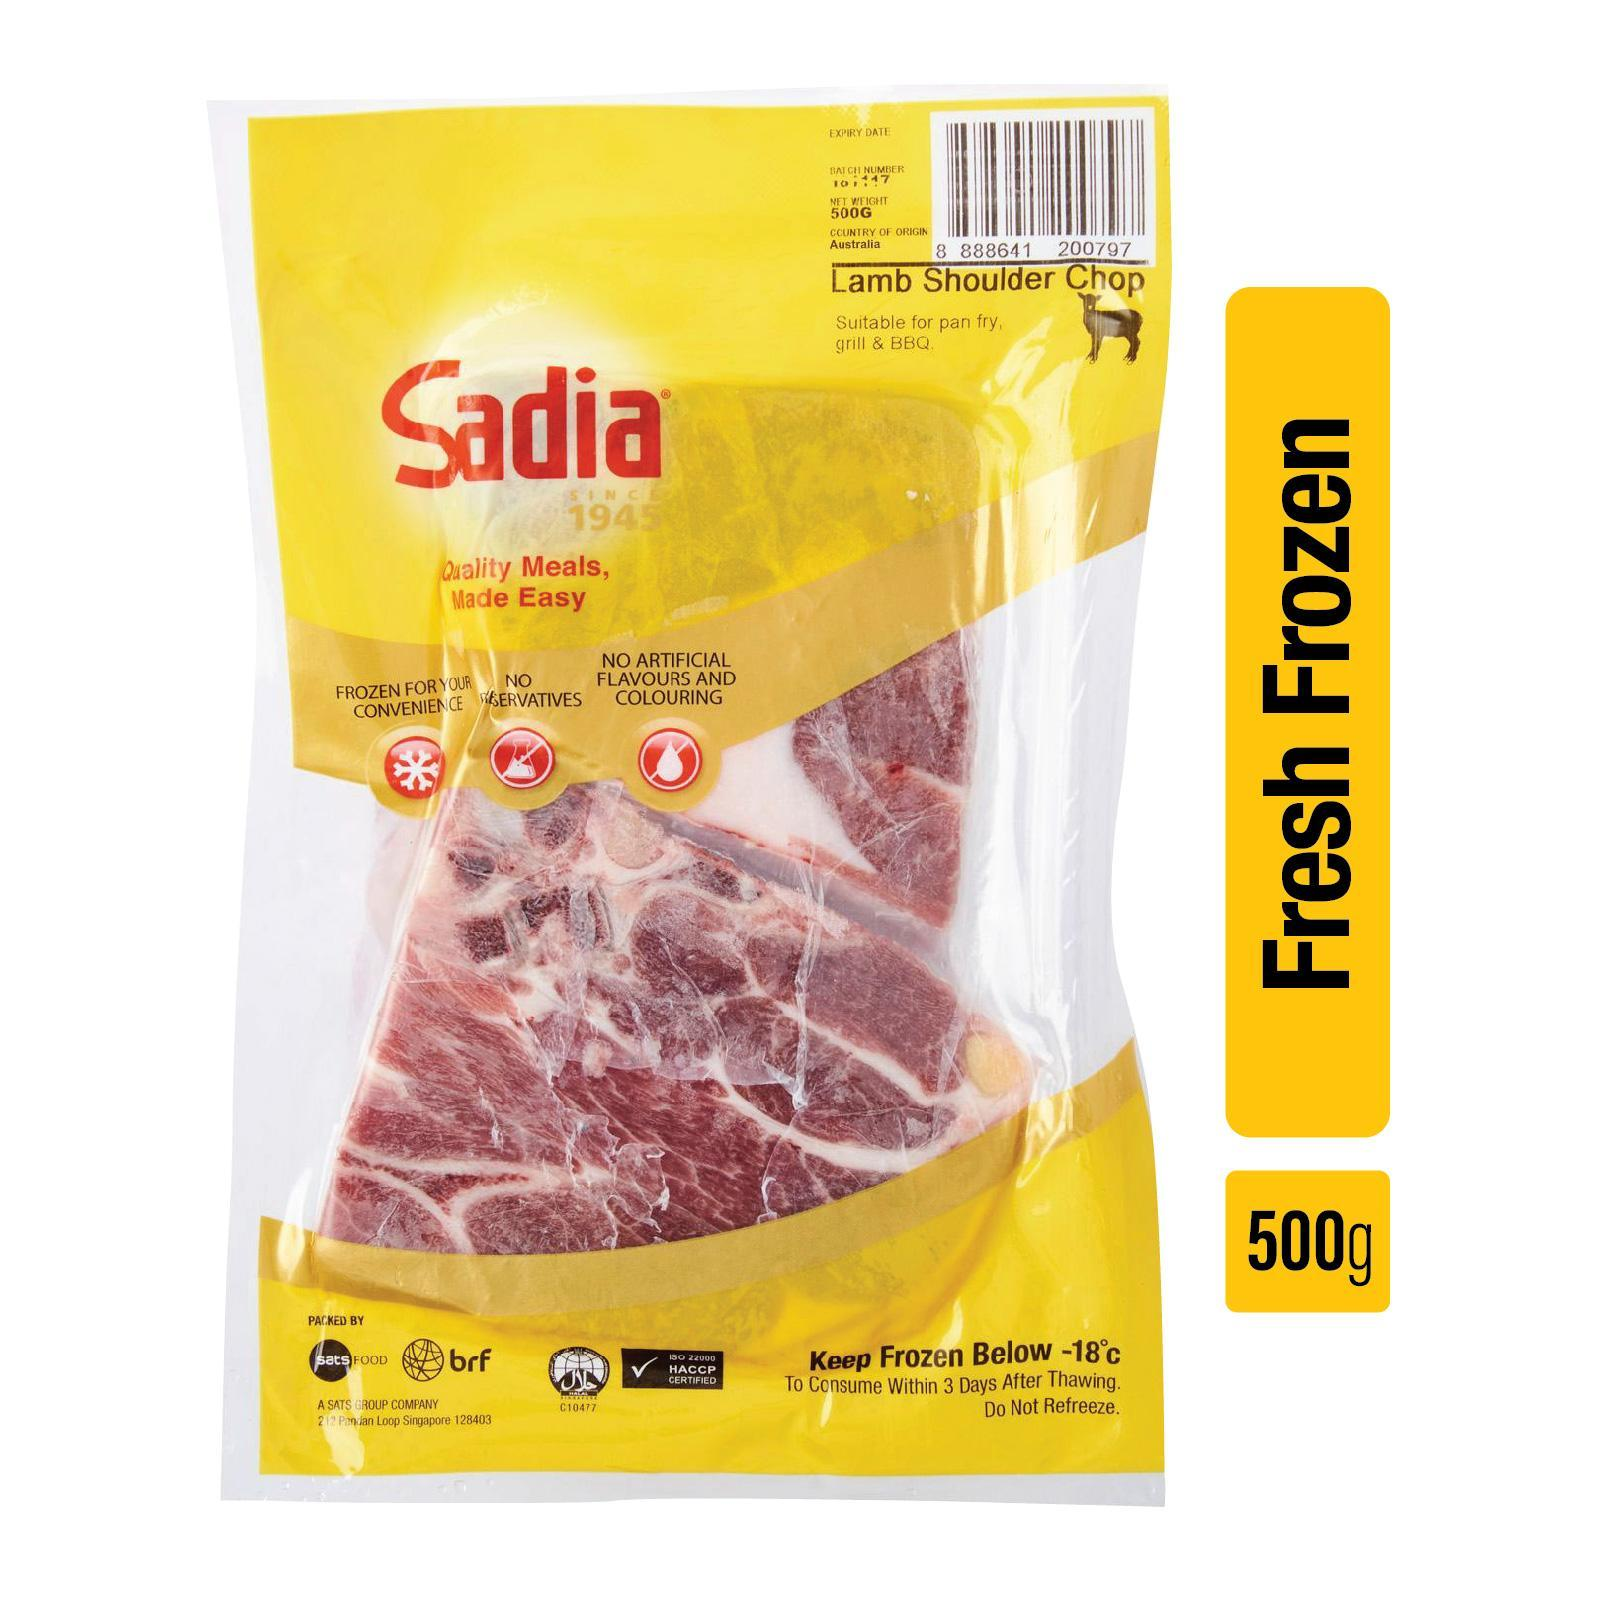 Sadia Lamb Shoulder Chop - Frozen